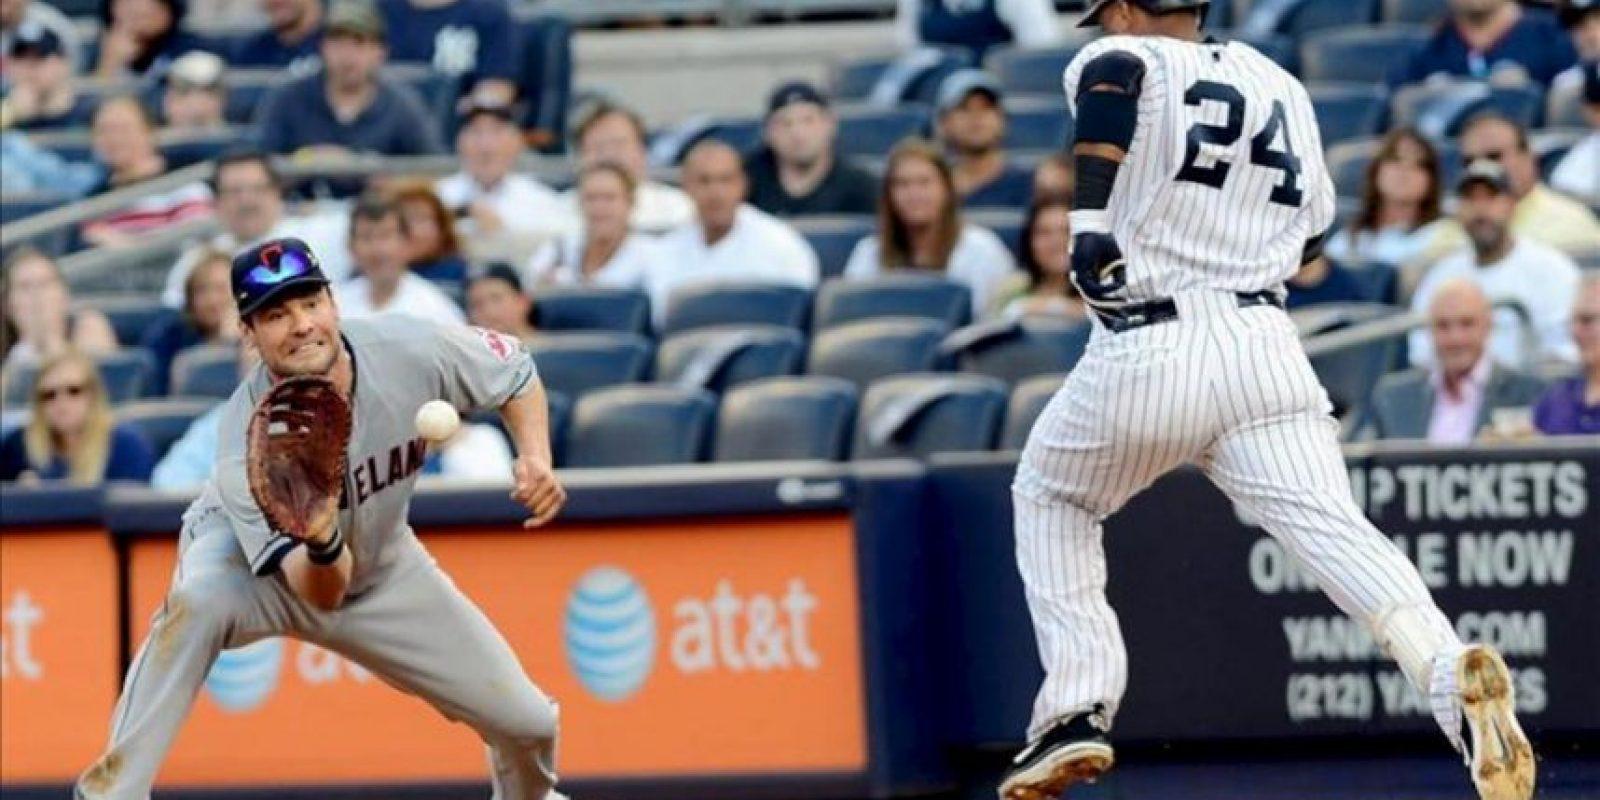 El jugador de Yanquis Robinson Cano (d) no alcanza la primera base ante Casey Kotchman de Indios este 26 de junio, en un partido en el estadio de los Yanquis en Nueva York (EEUU). EFE